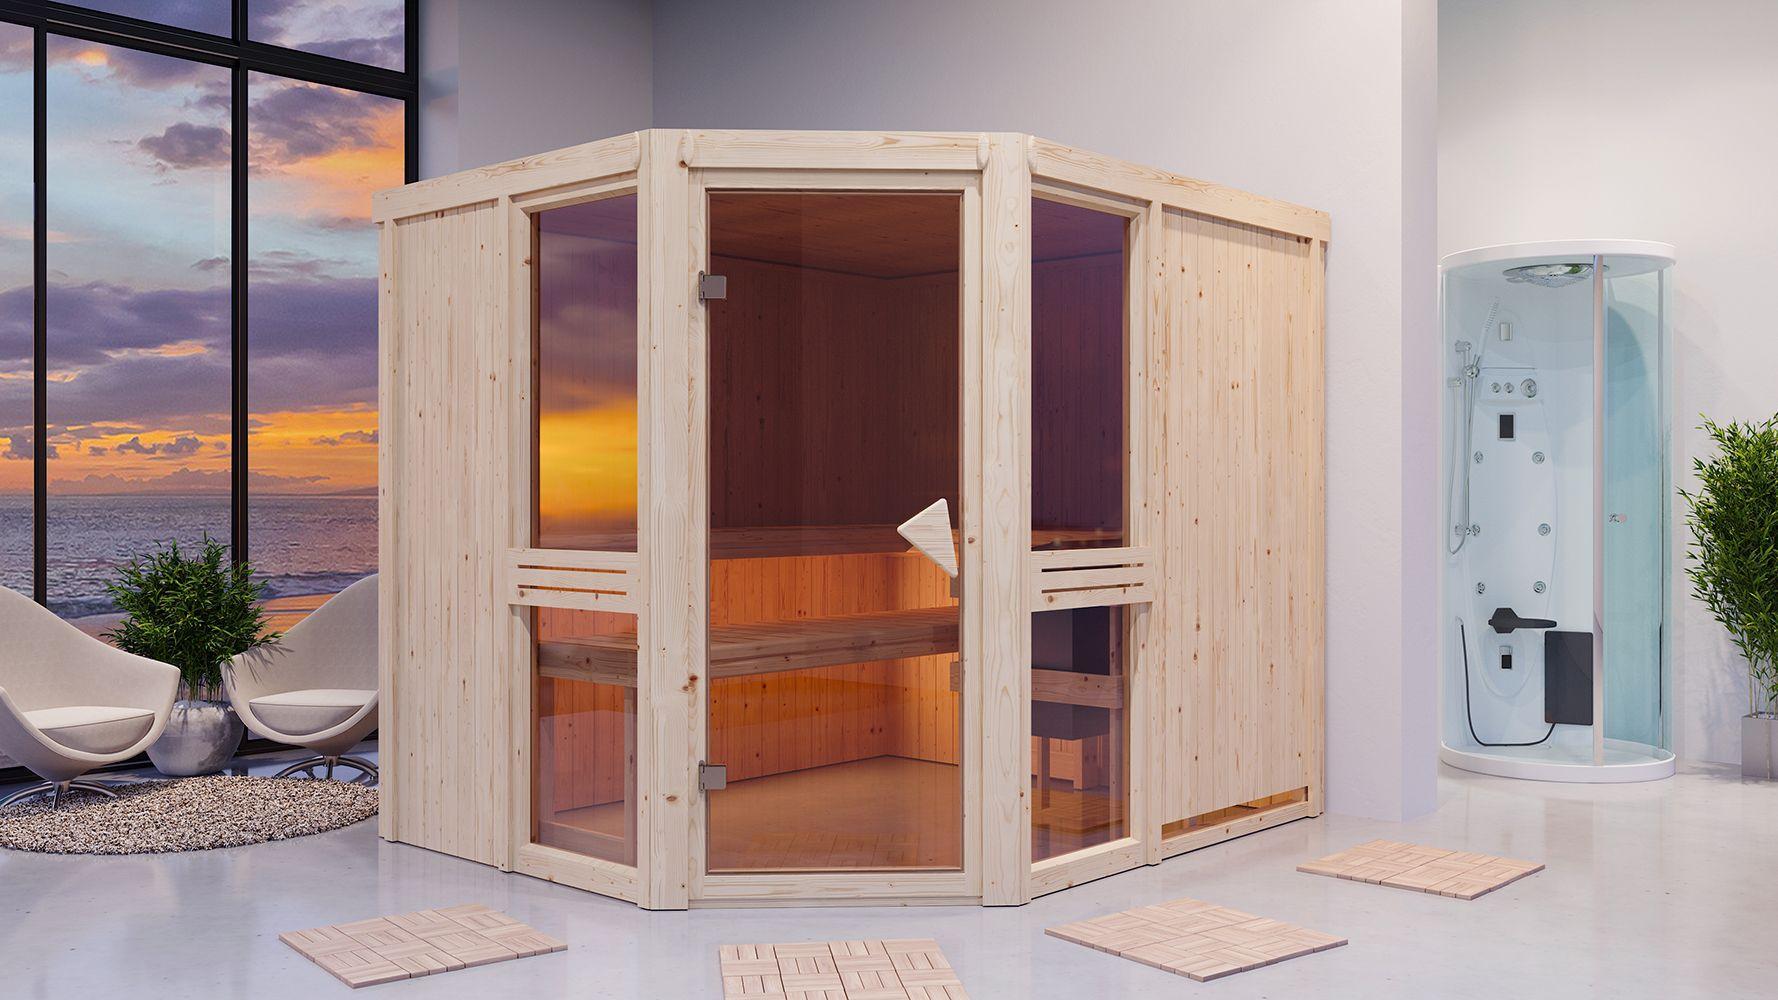 Sauna Alessia 03, 68 mm Wandstärke - 231 x 196 x 198 cm (B x T x H) - Ausführung:inkl. Bio-Ofen mit externer Steuerung